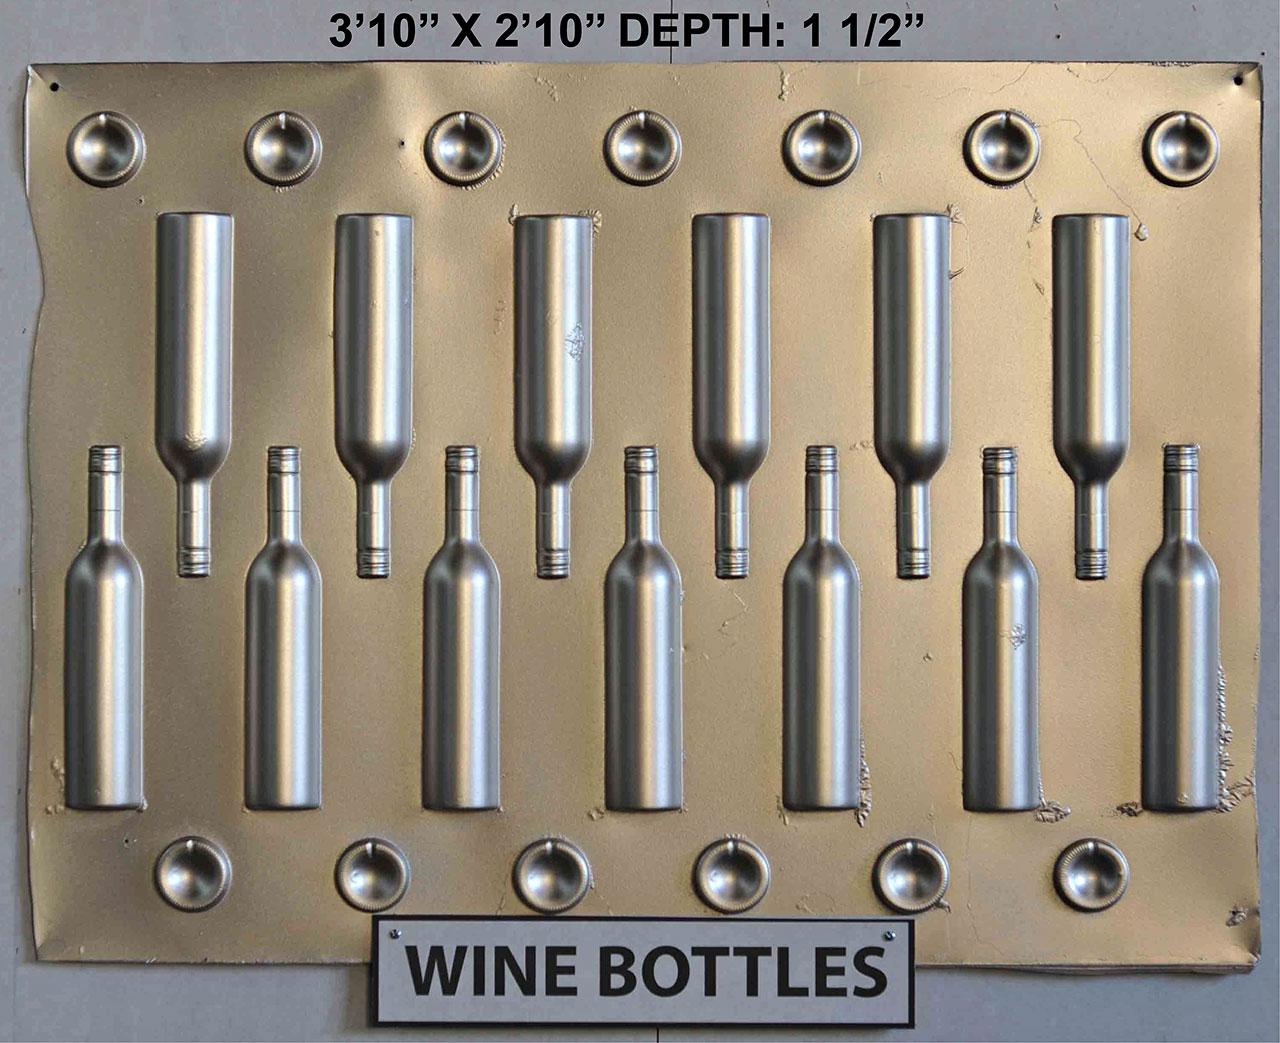 Vacuform Wine Bottles Skin by Global Entertainment Industries, Burbank, CA